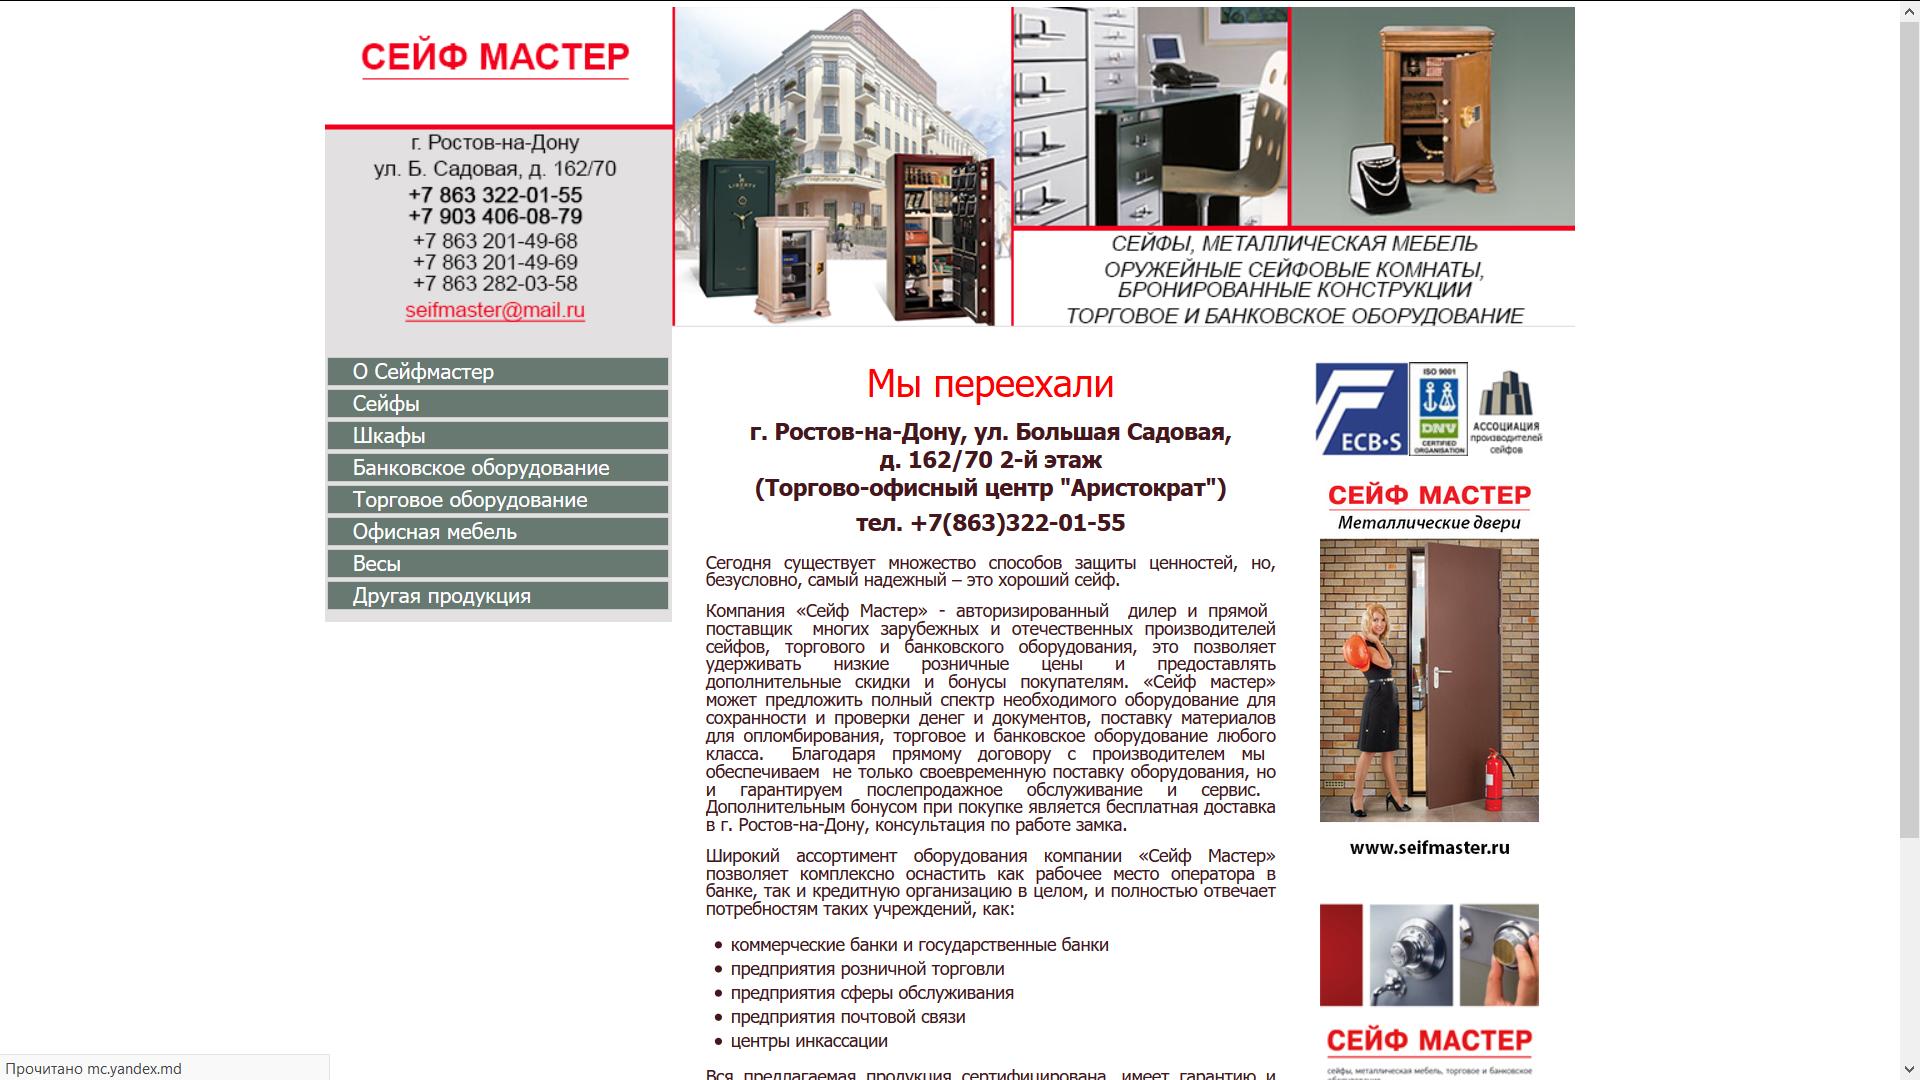 ООО Сейф-Мастер, СМ Сервис — мошенники